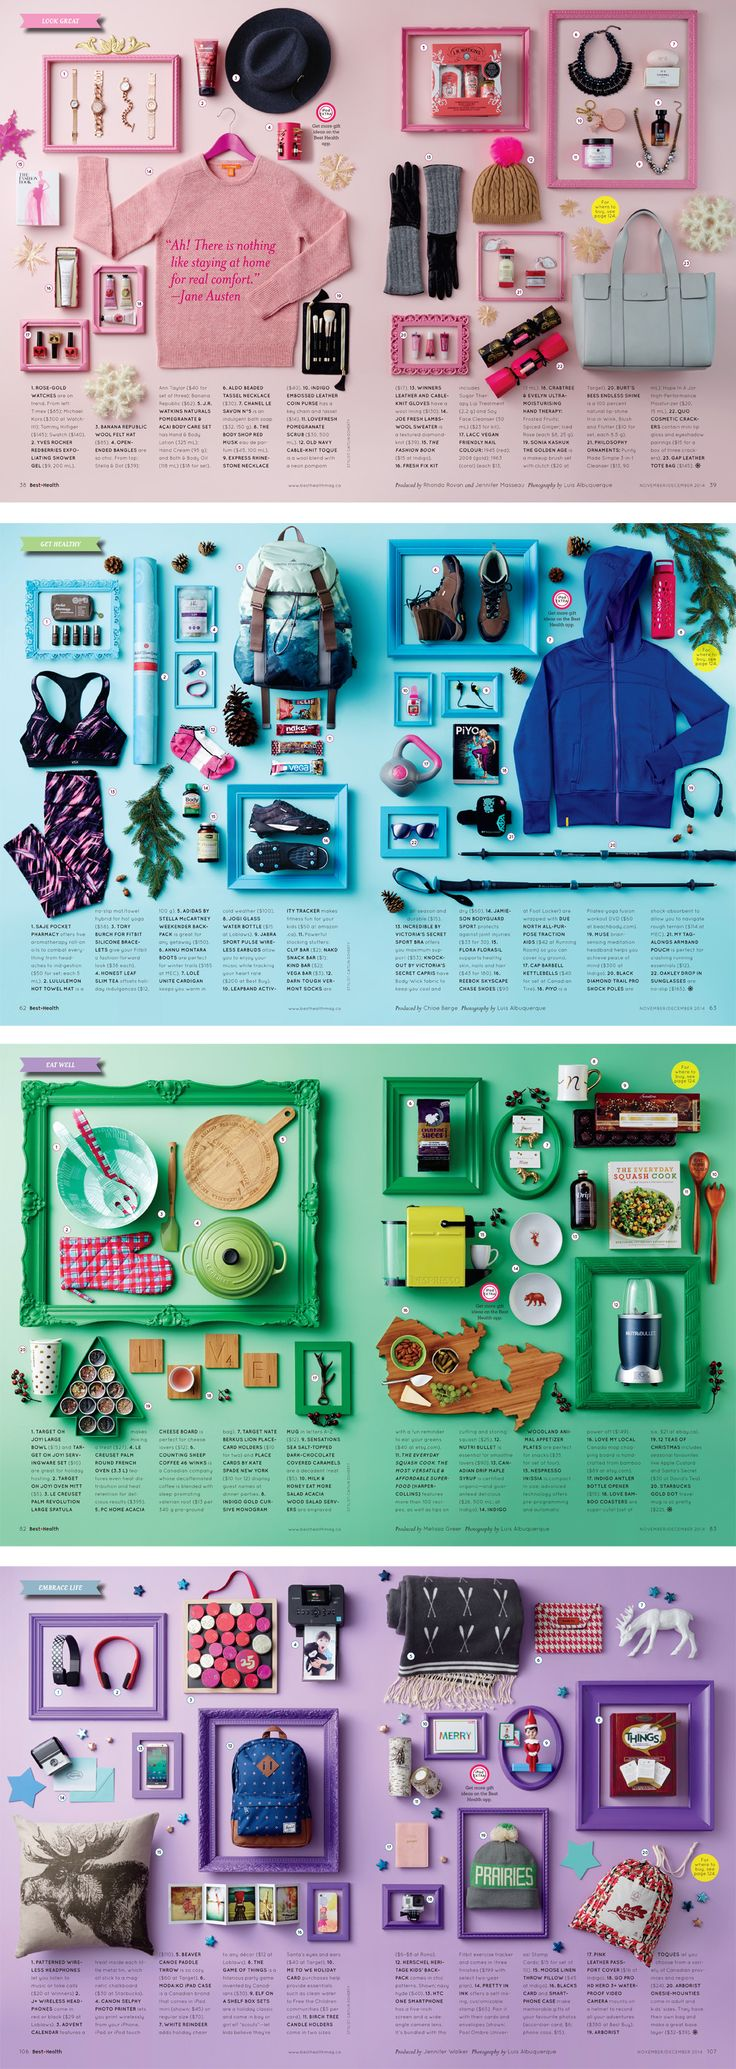 Gift Guide for Best Health Magazine, November/December 2014 (via Stephanie Han Kim).